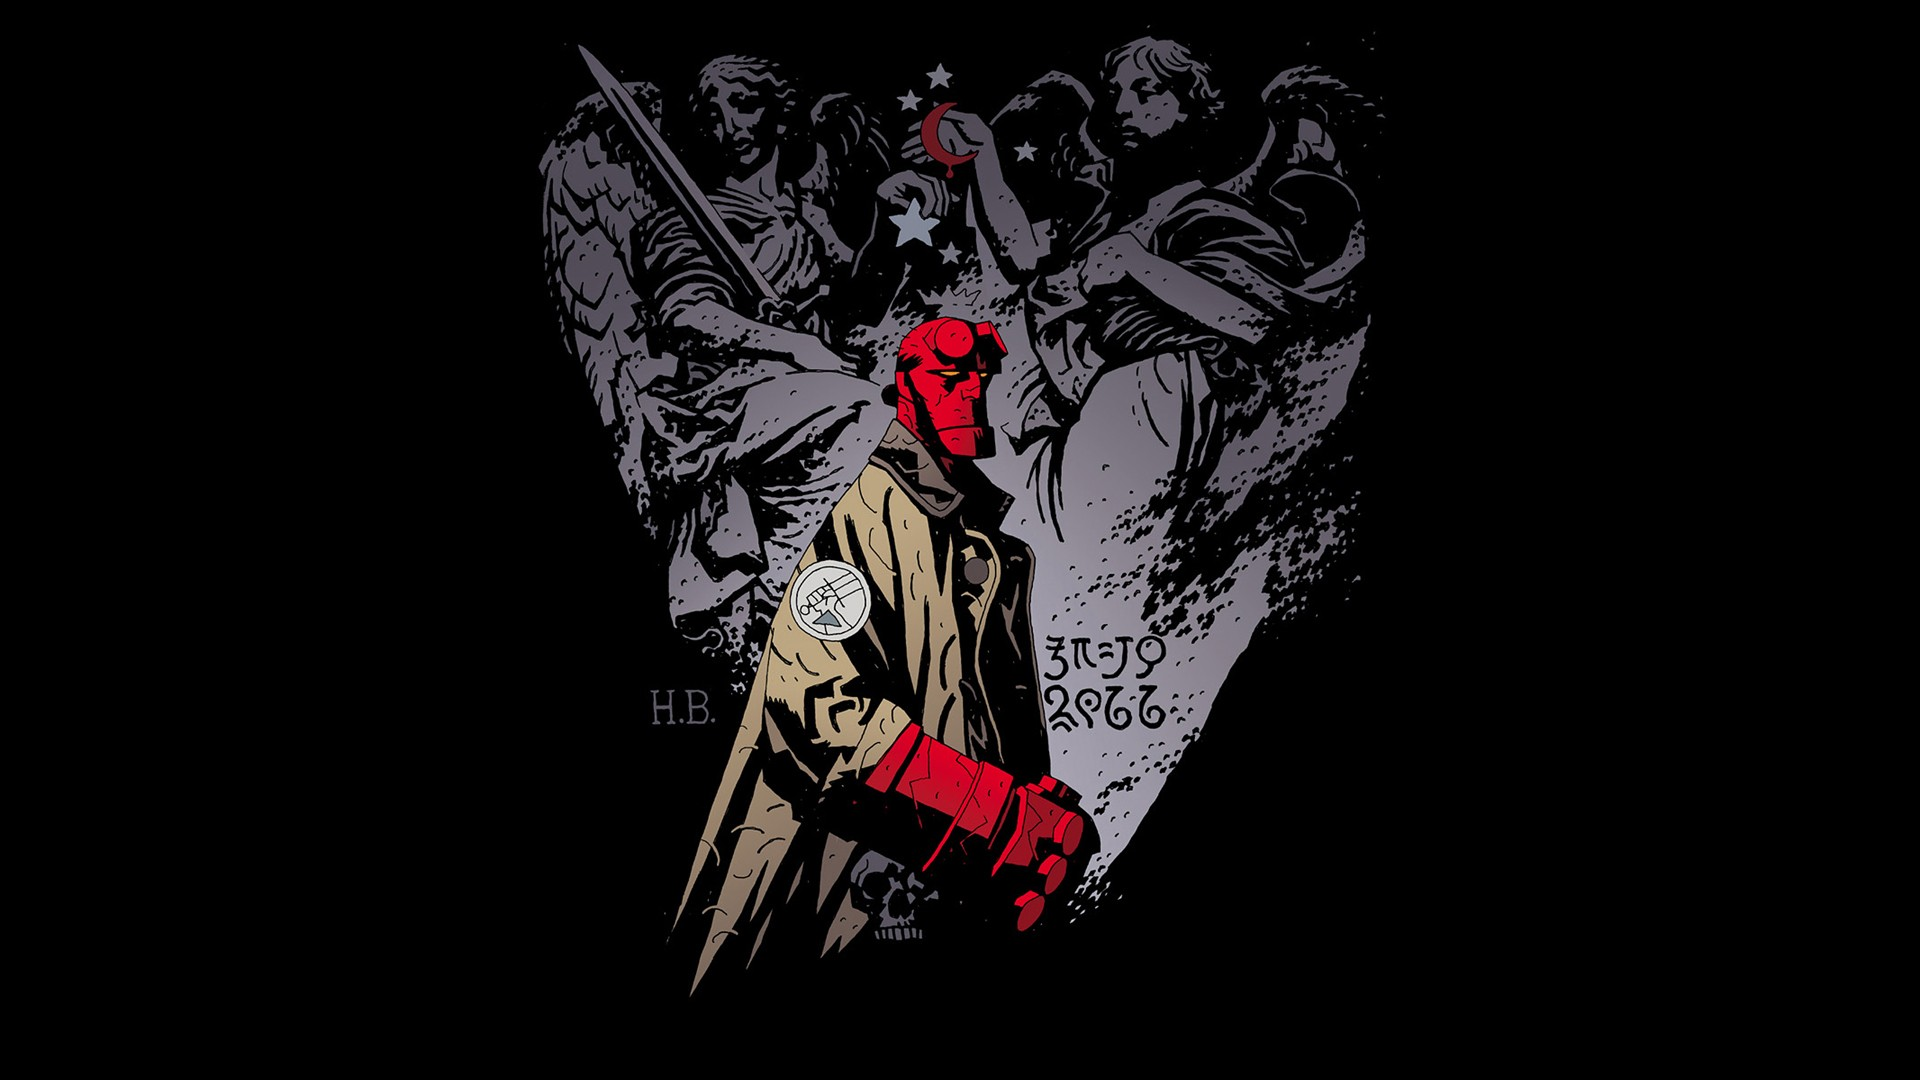 Comics Hellboy wallpaper 1920x1080 222240 WallpaperUP 1920x1080